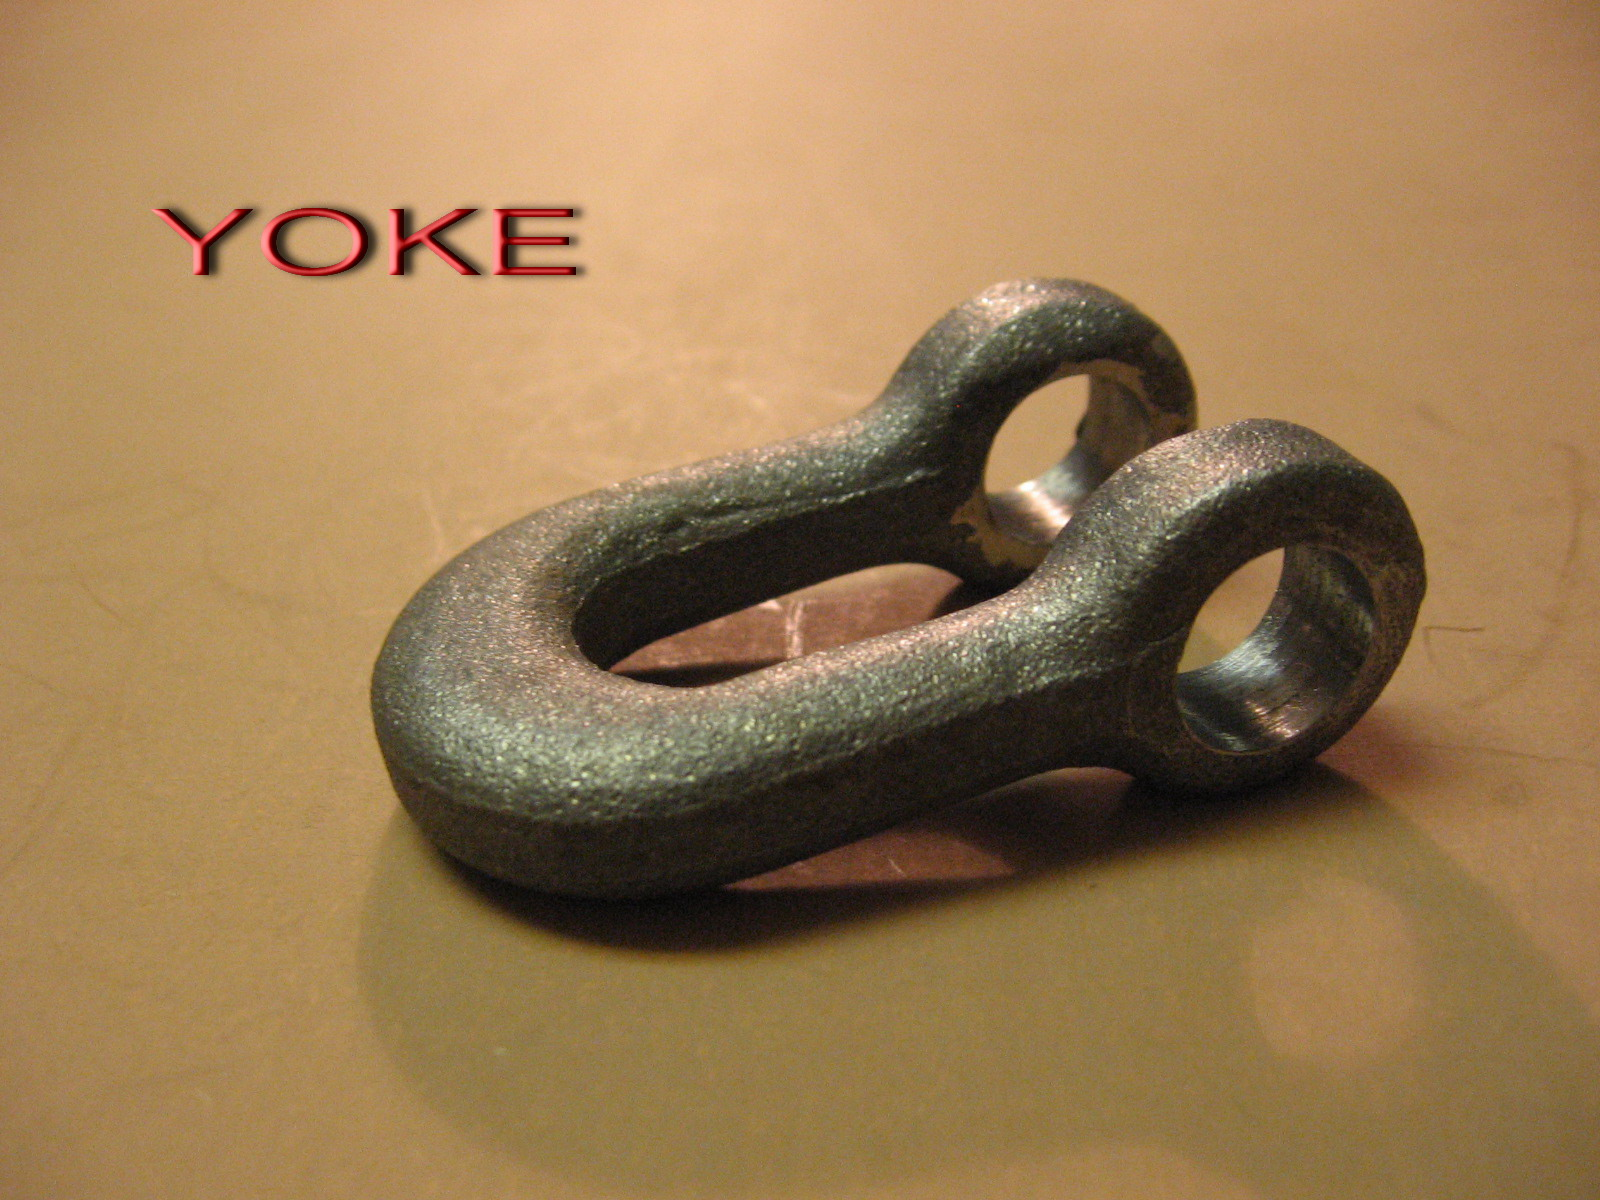 Yokie